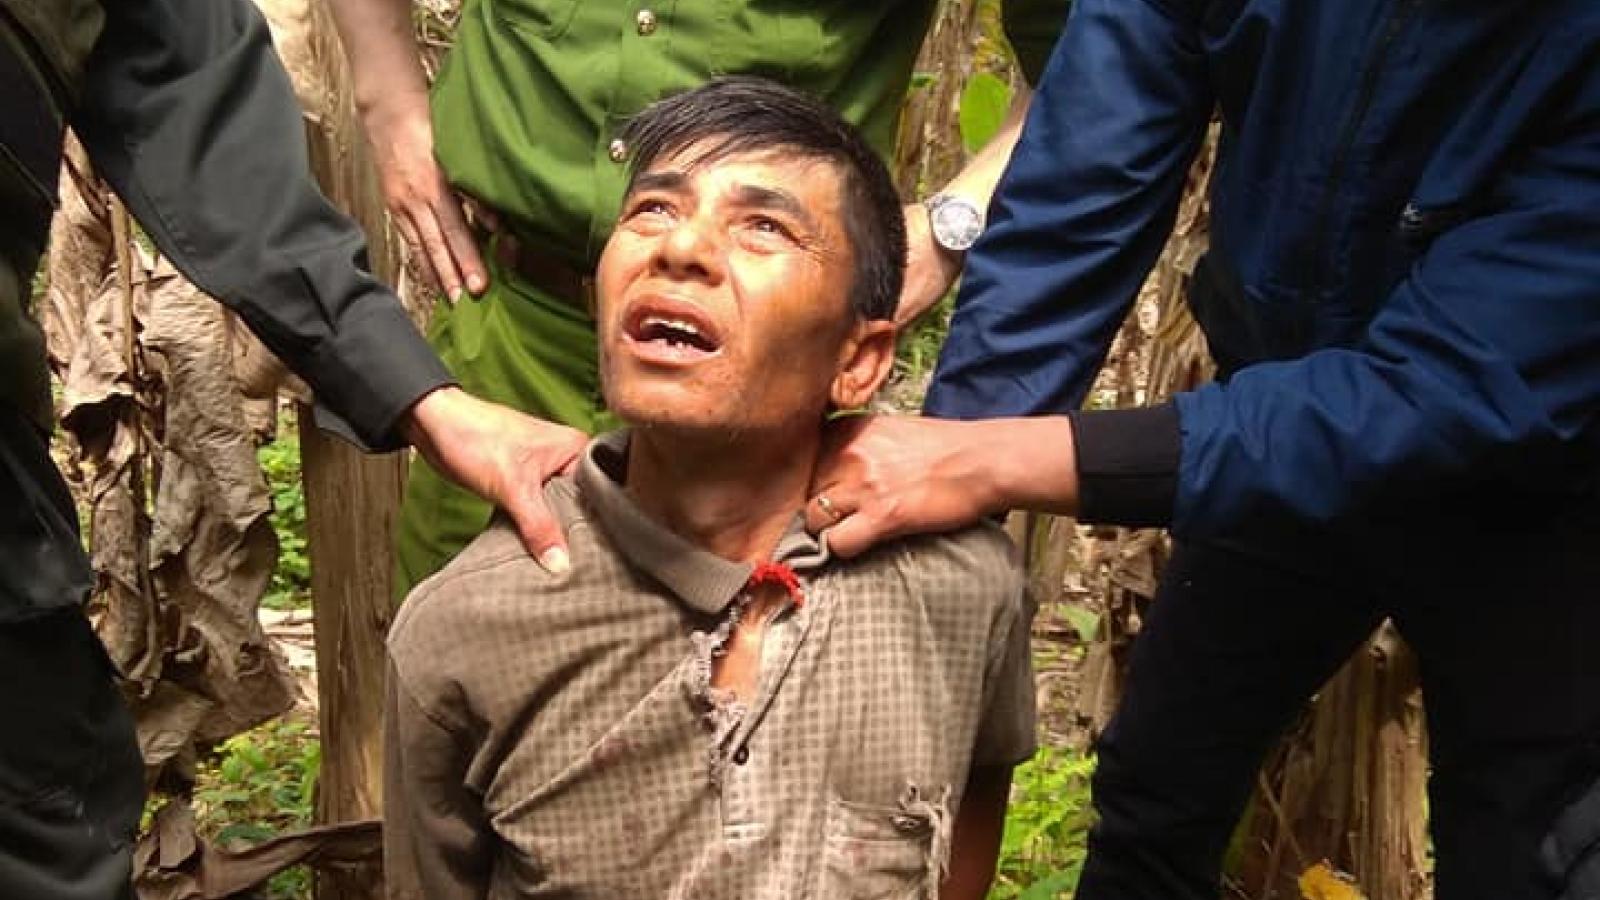 Truy bắt đối tượng hạ sát bố đẻ sau 5 giờ gây án ở Sơn La